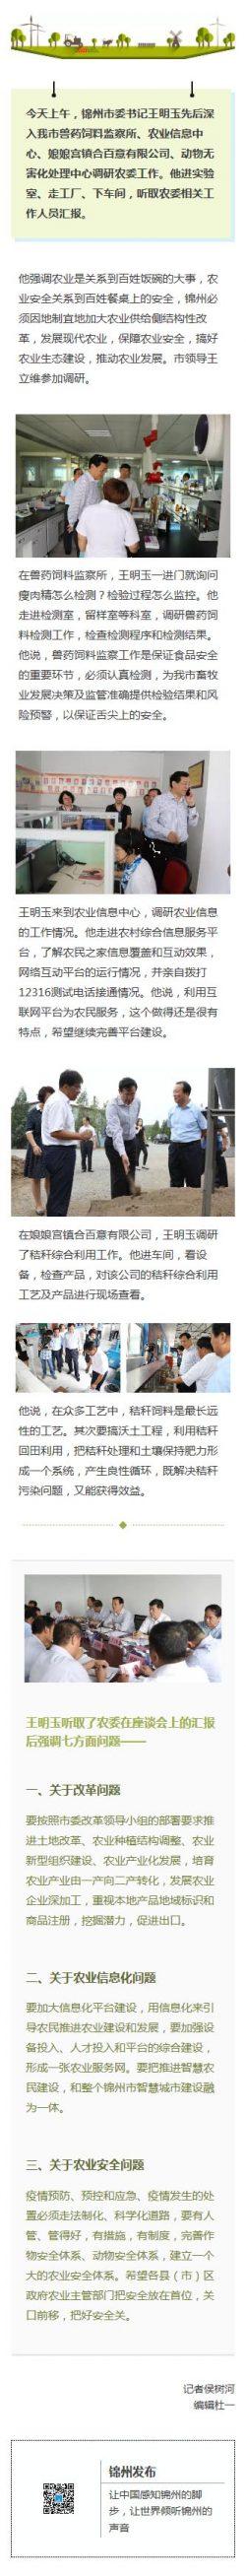 党政教育官方微信文章模板